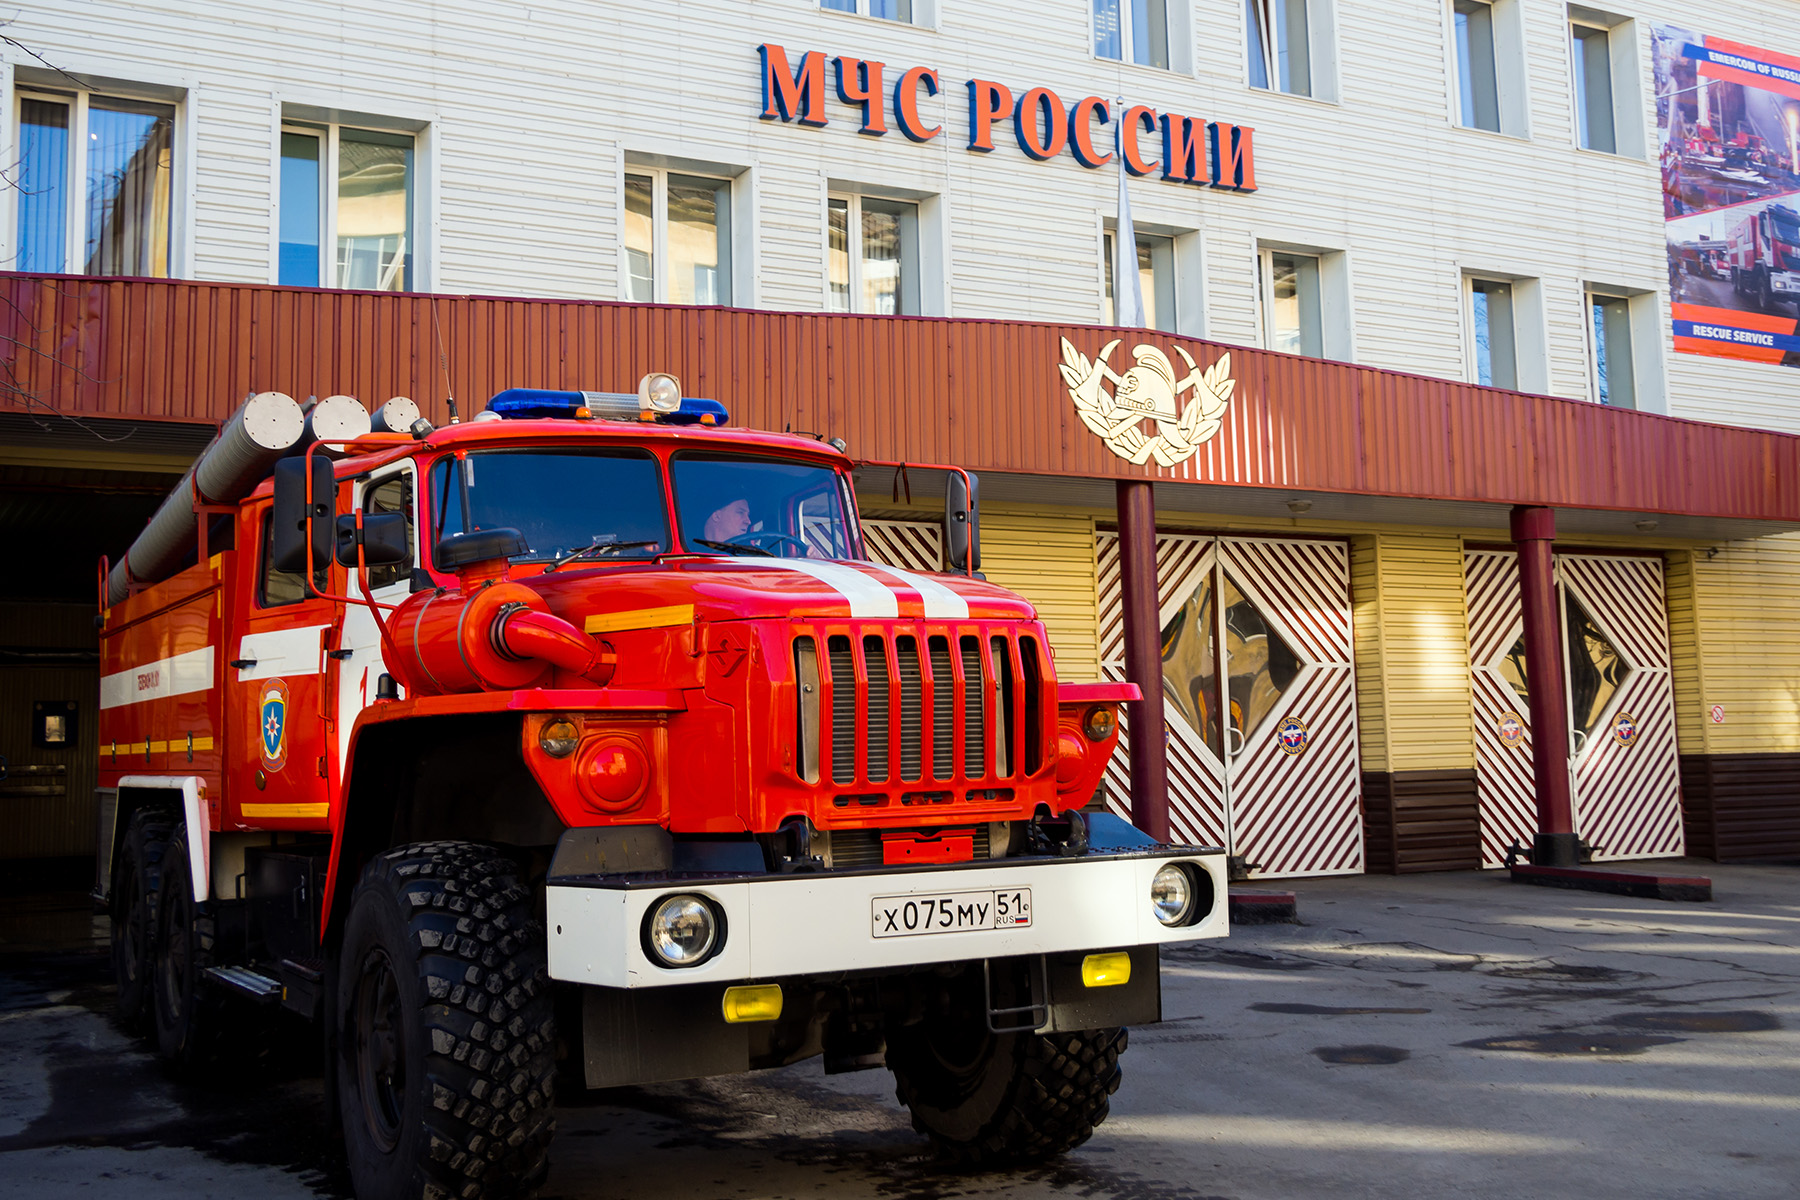 Fire truck in Murmansk